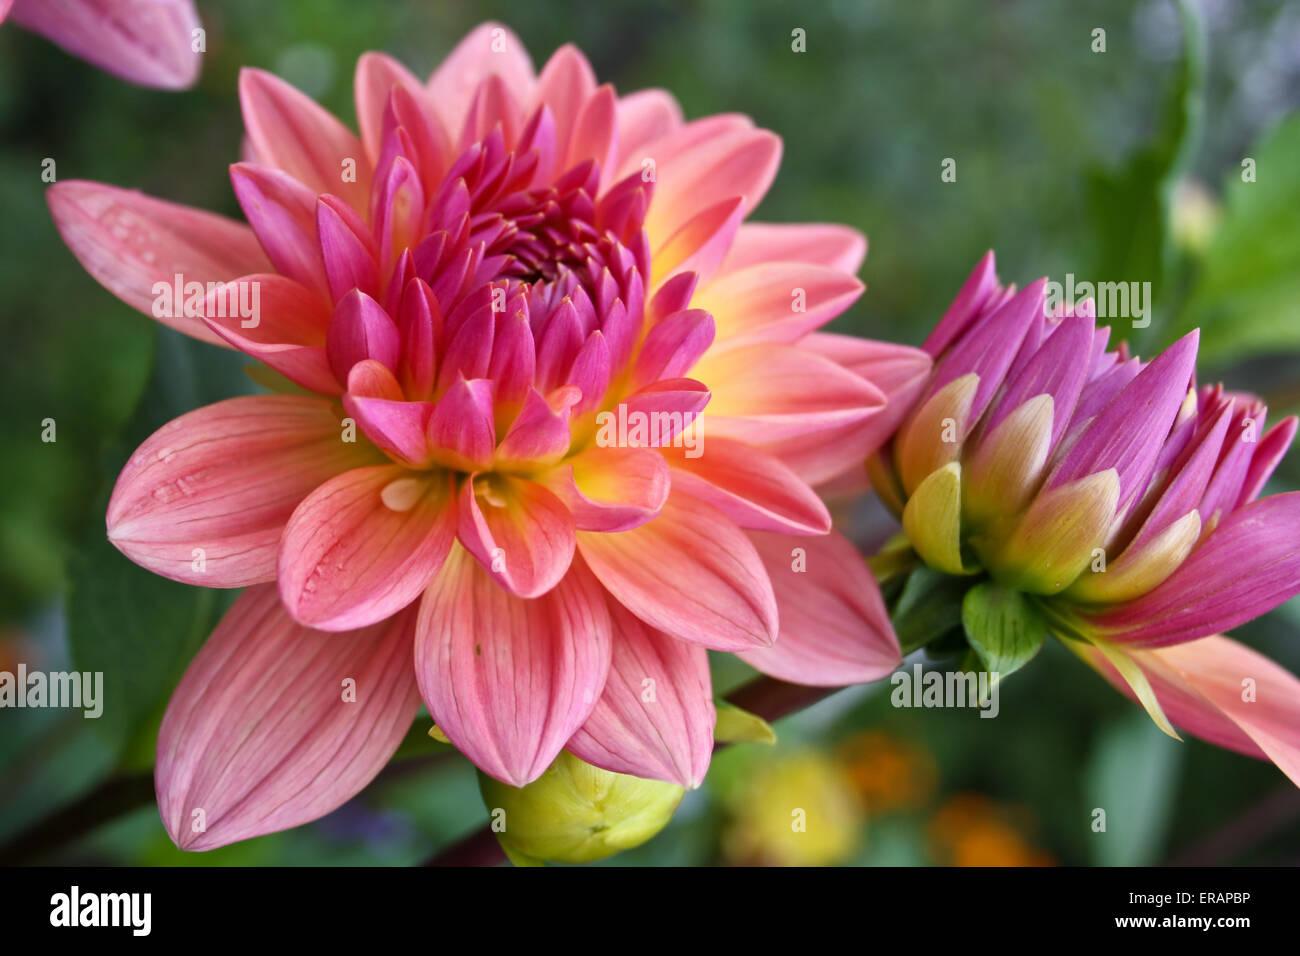 Bunga Aster Stock Photos Bunga Aster Stock Images Alamy